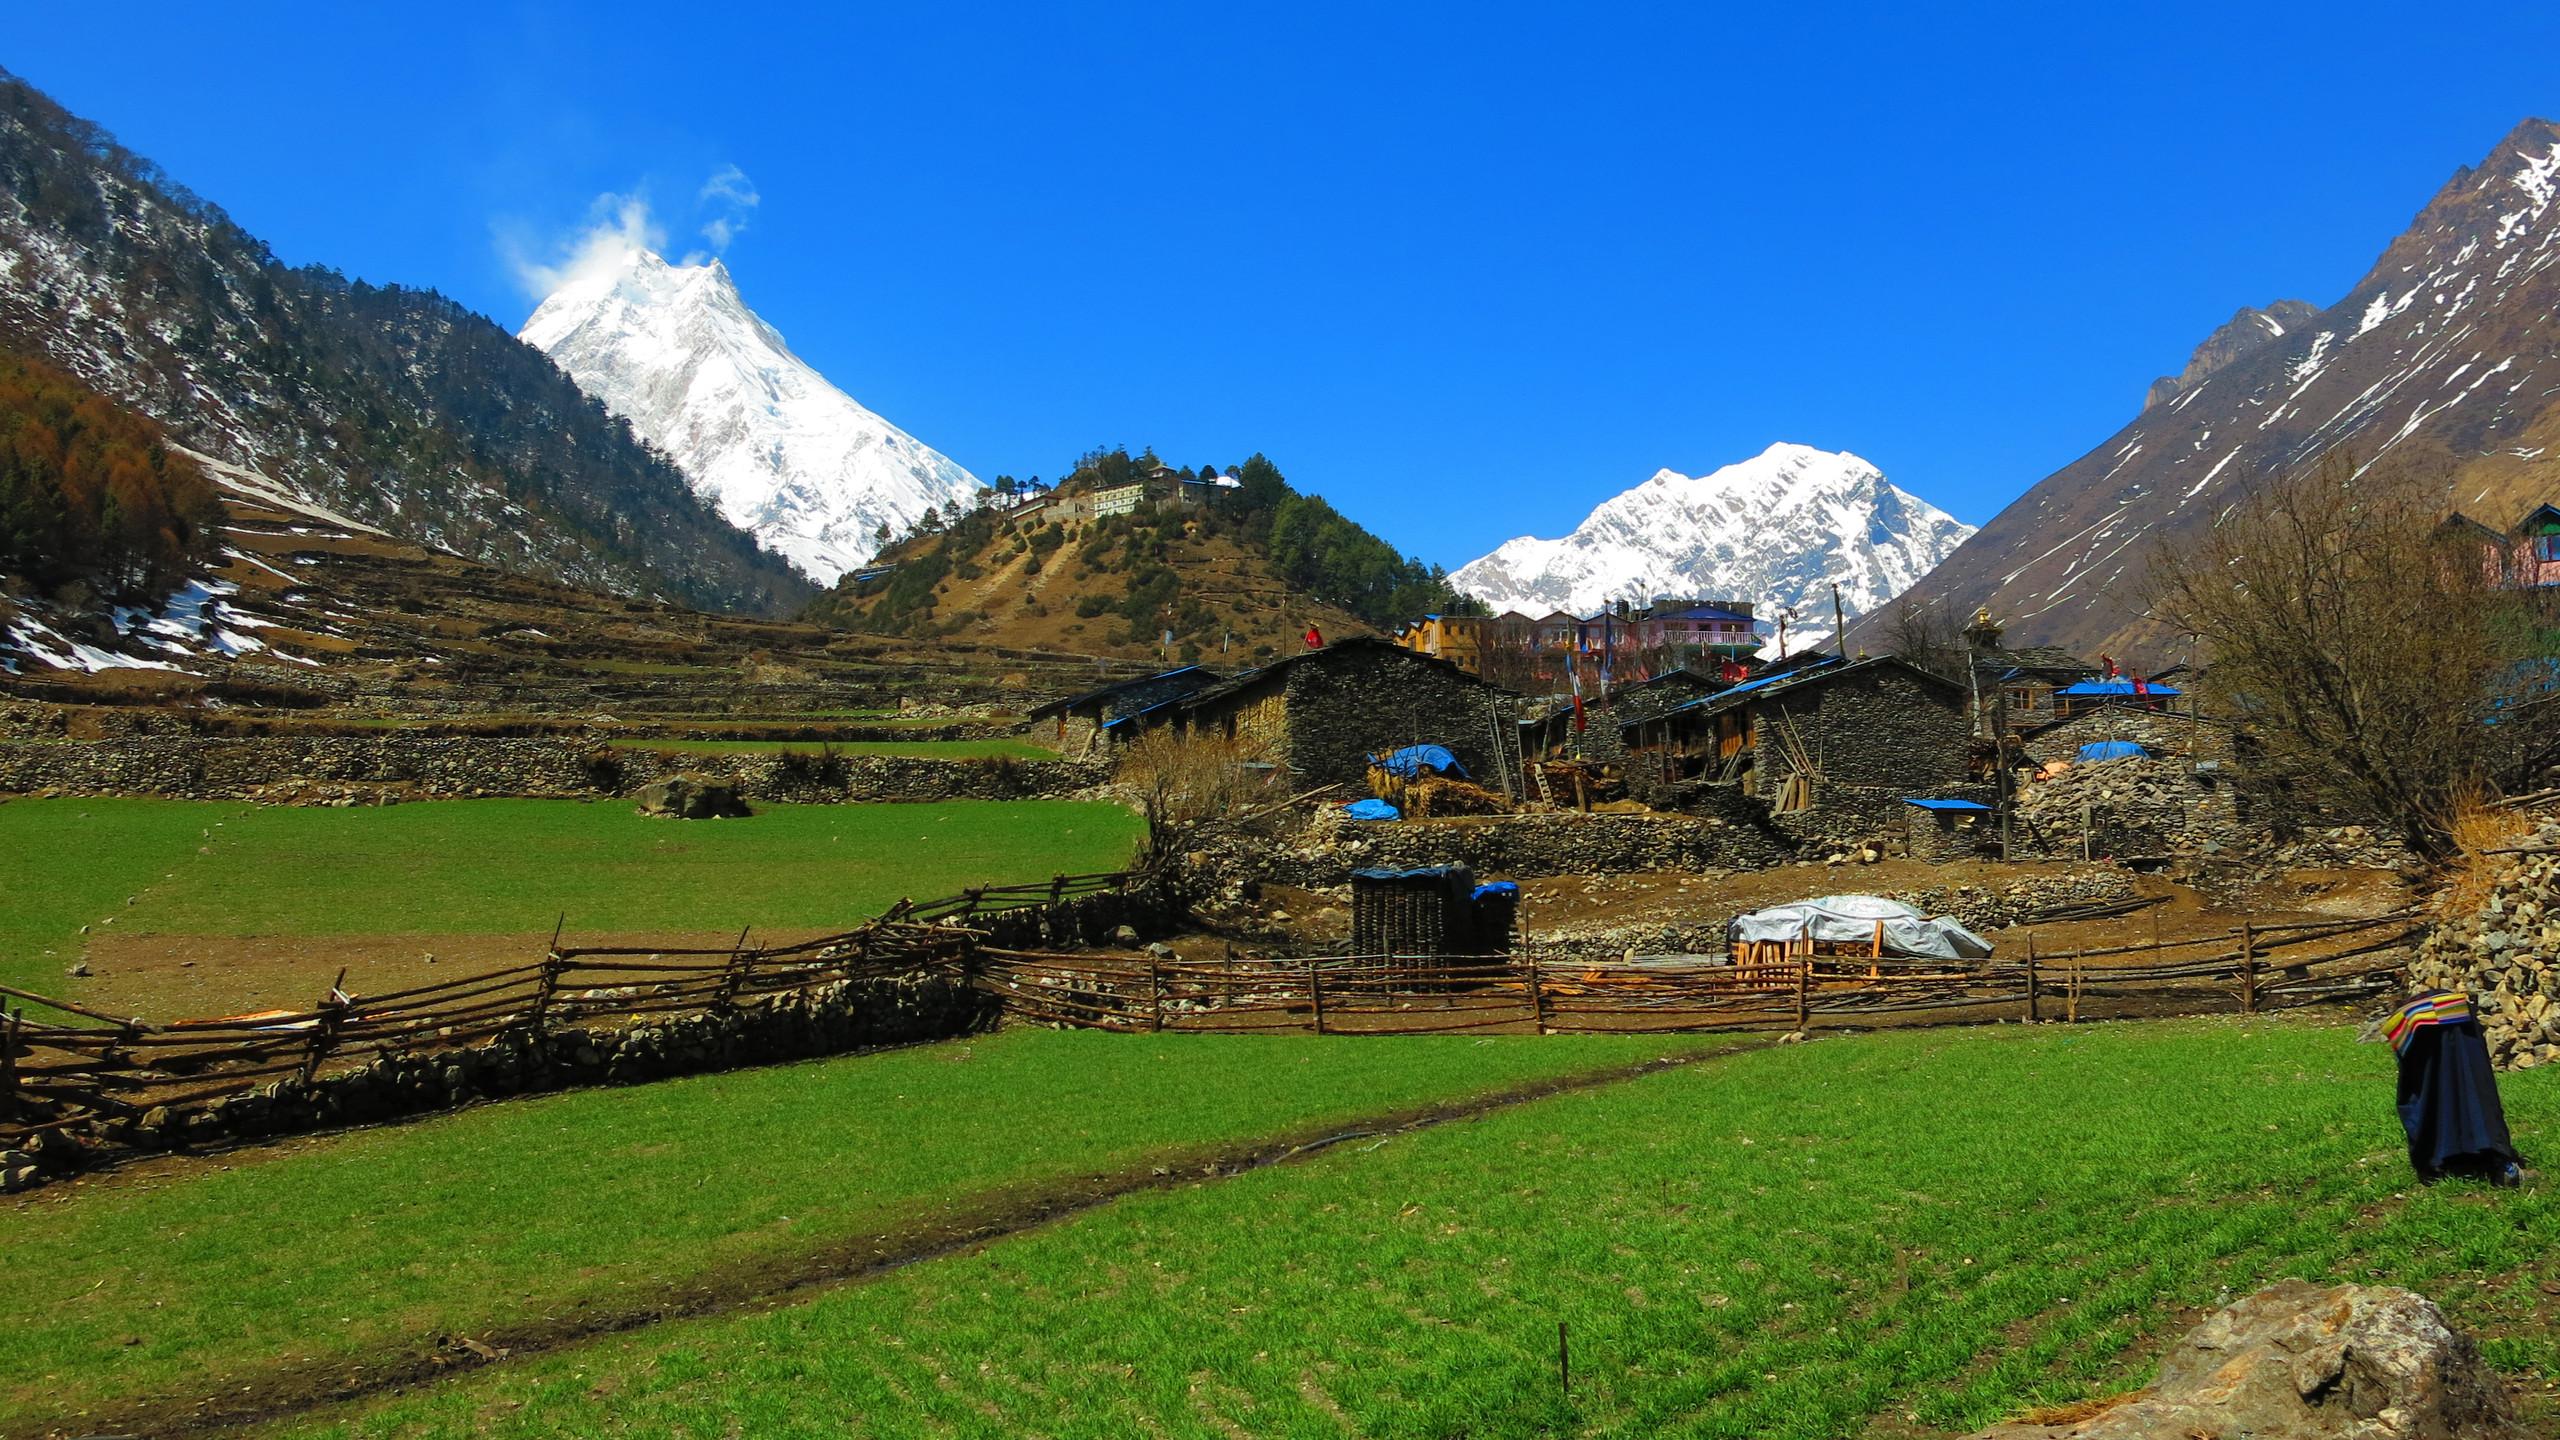 The pristine mountains